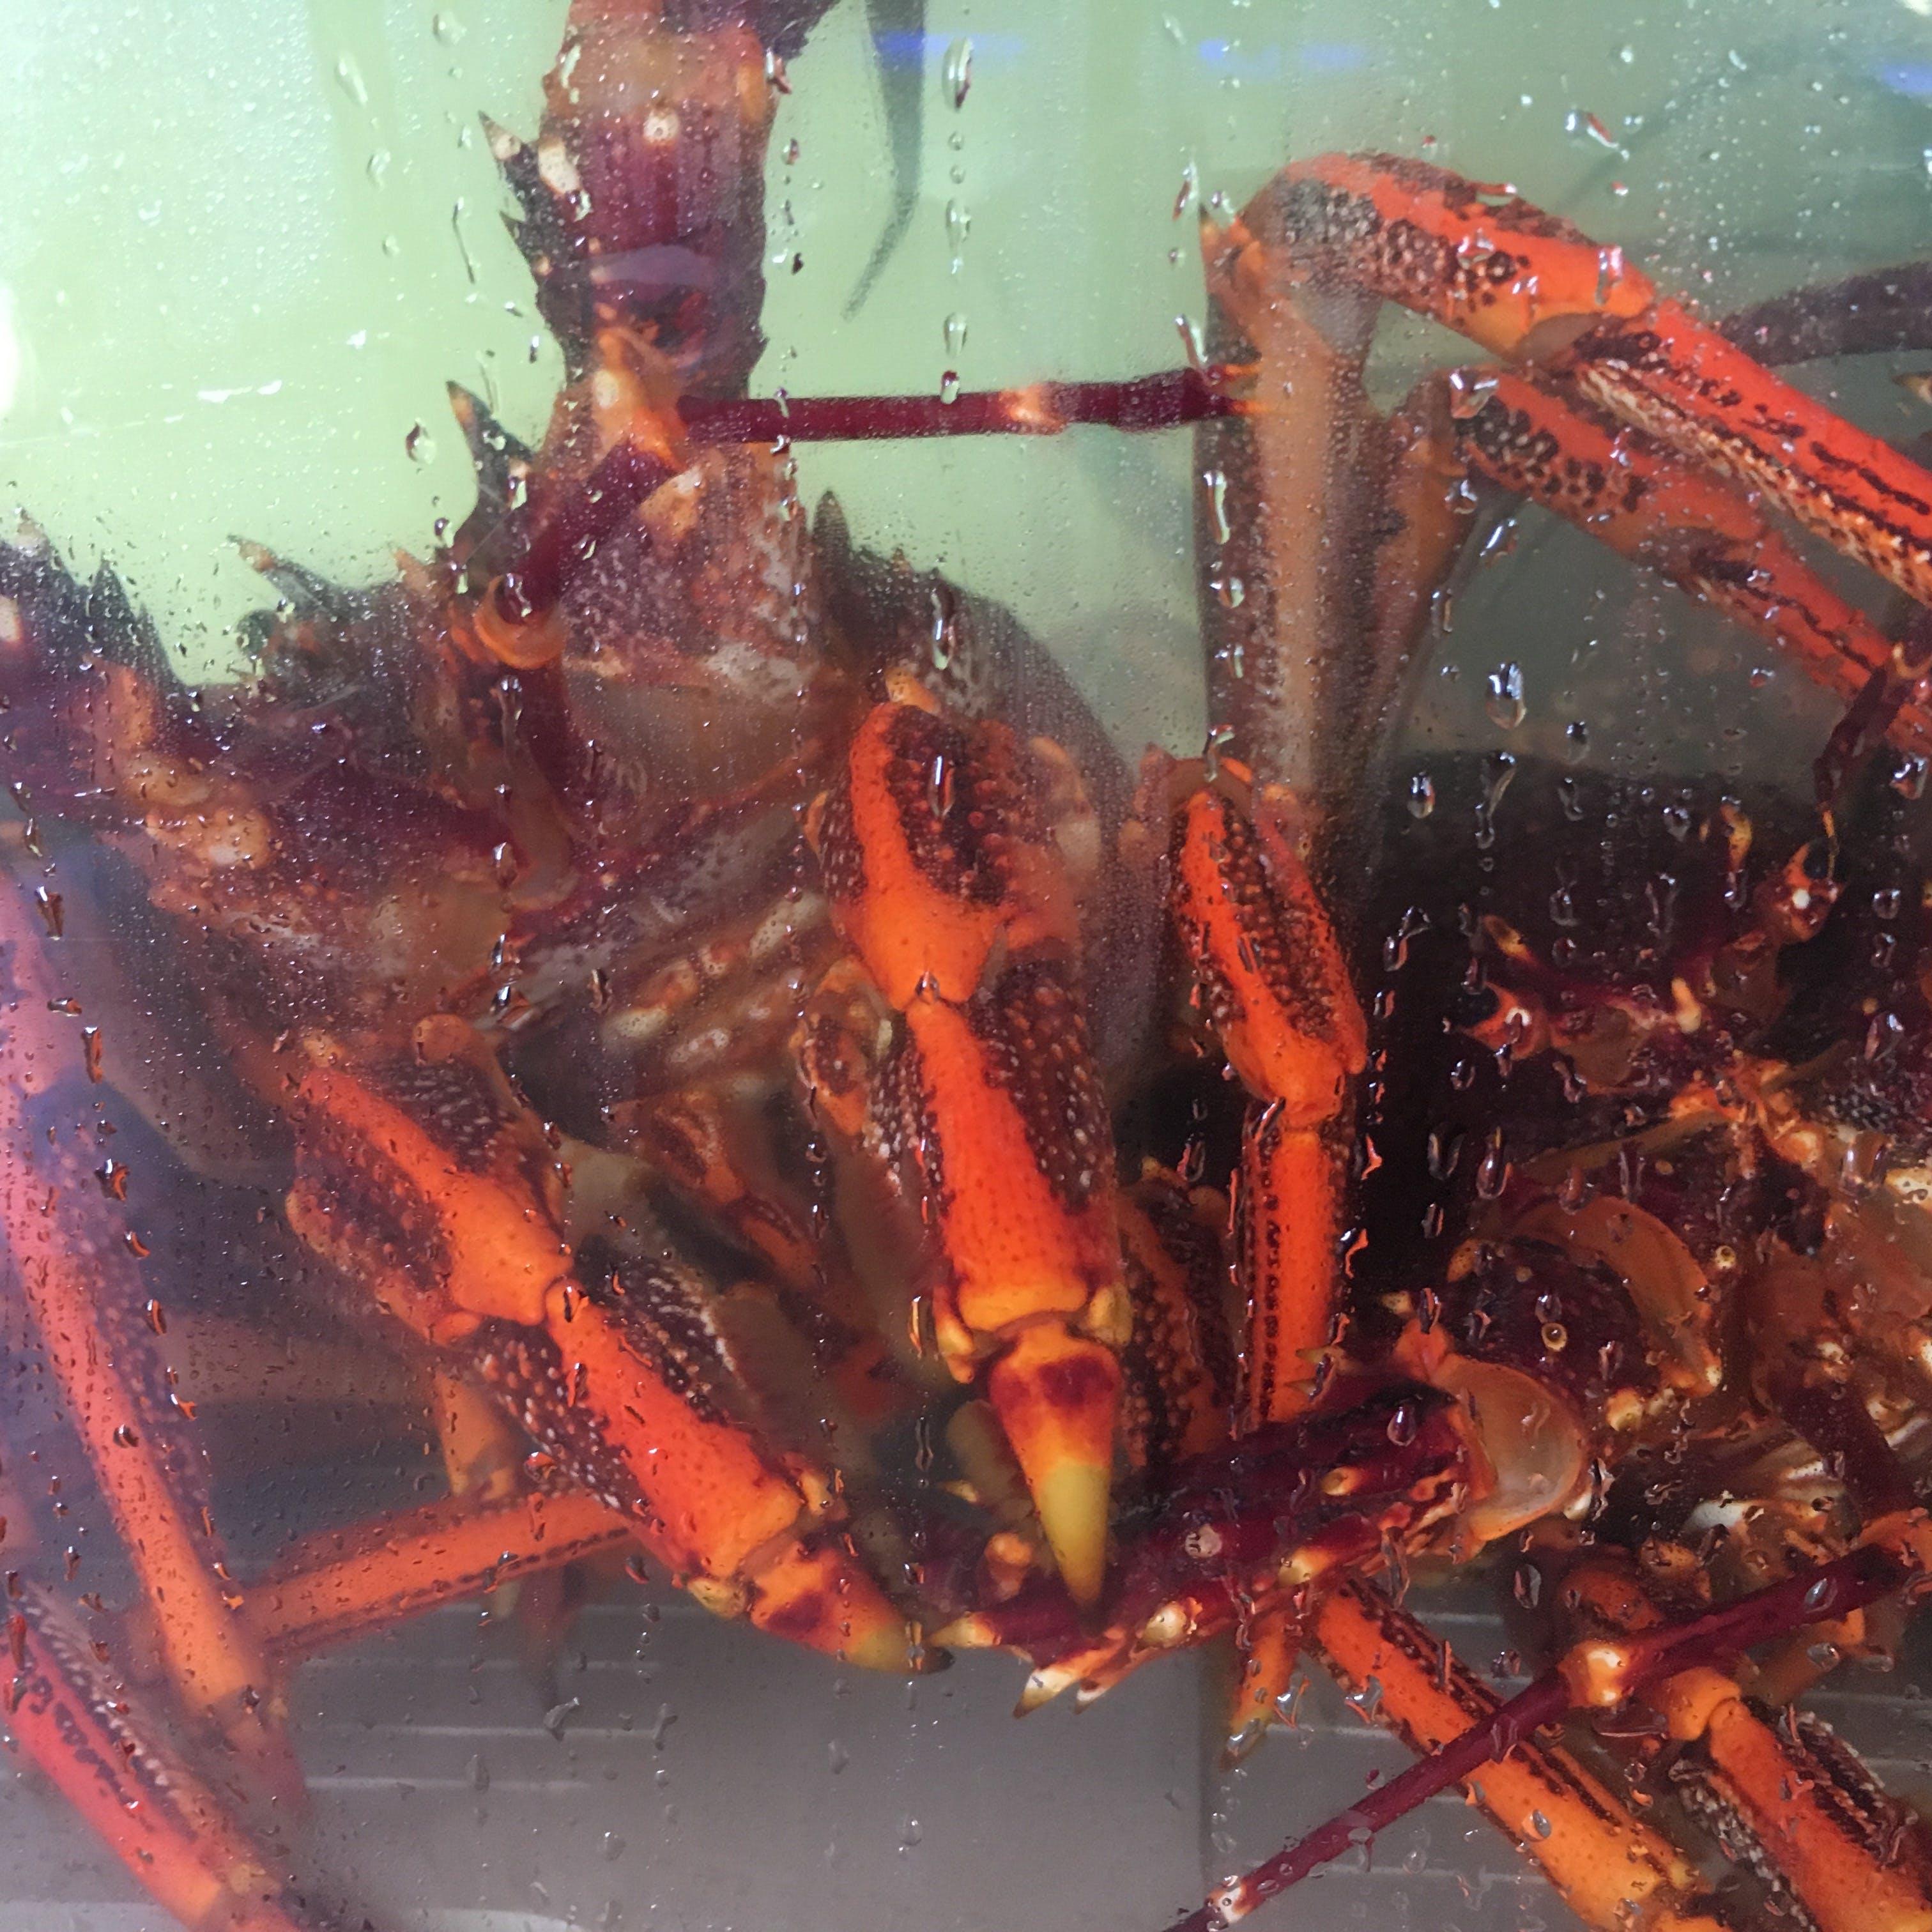 Kostenloses Stock Foto zu fischmarkt, hummer, hummer tank, meeresfrüchte